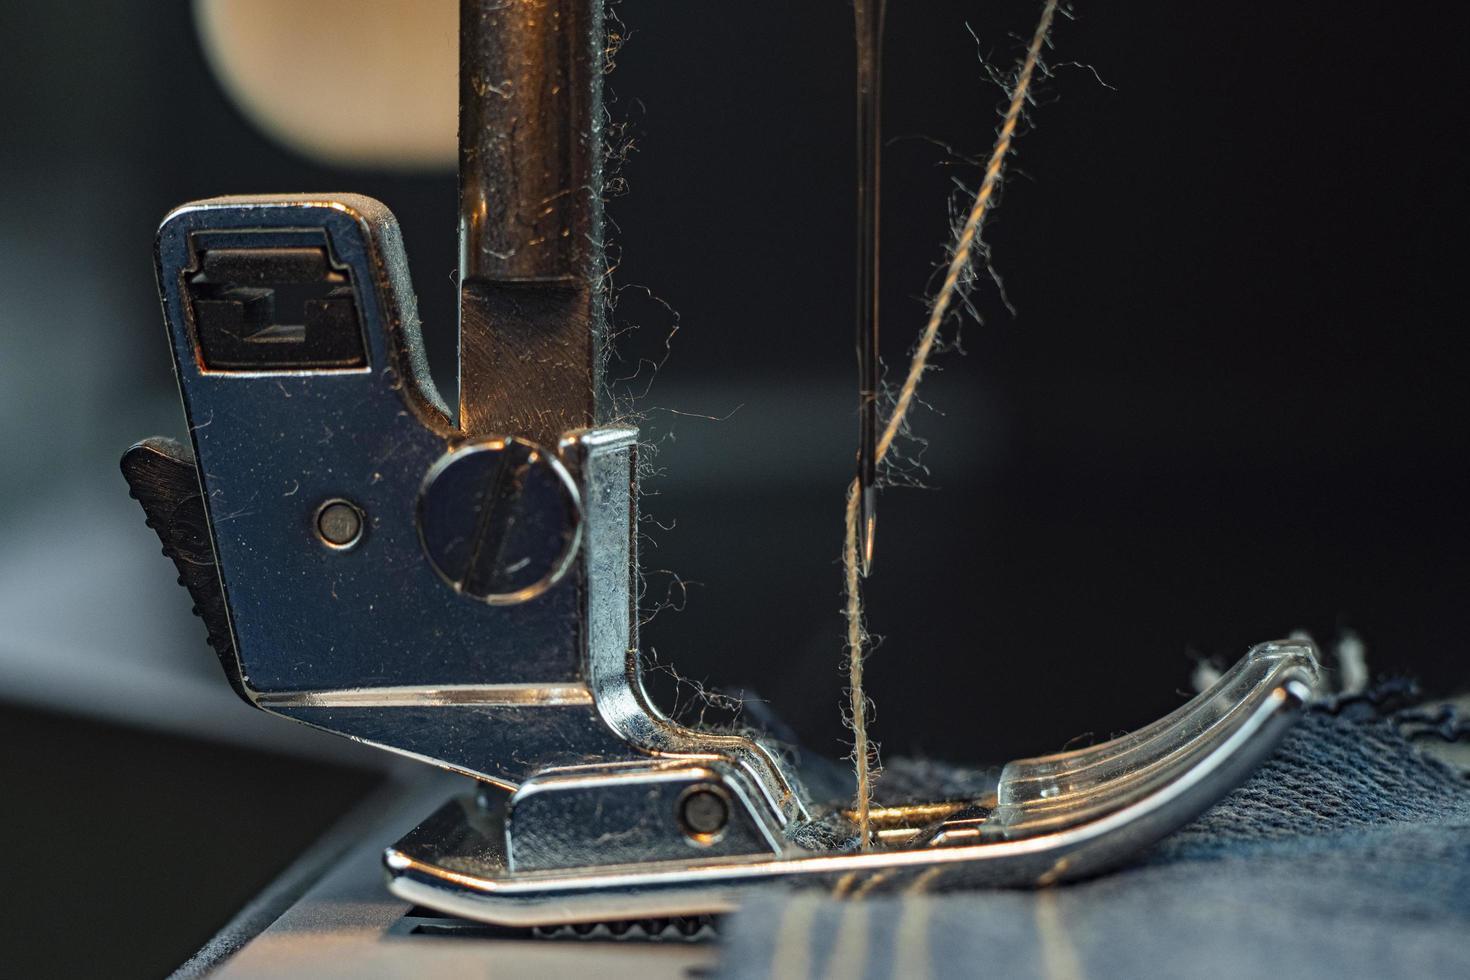 una máquina de coser cose jeans foto